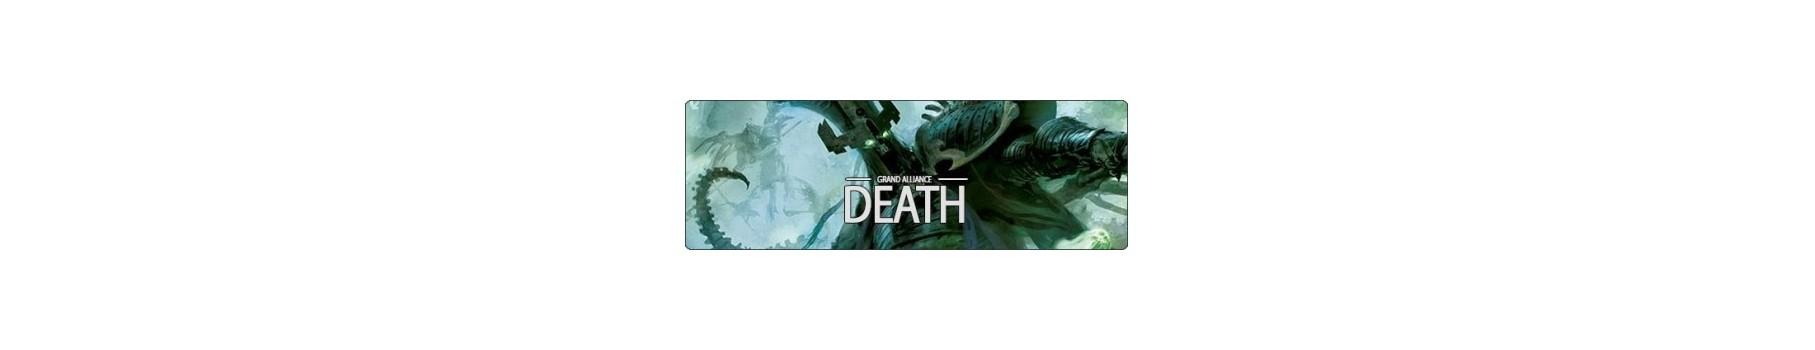 La Grande Alliance de la Mort - AoS de votre Ludicaire Au Chapeau Enchanté